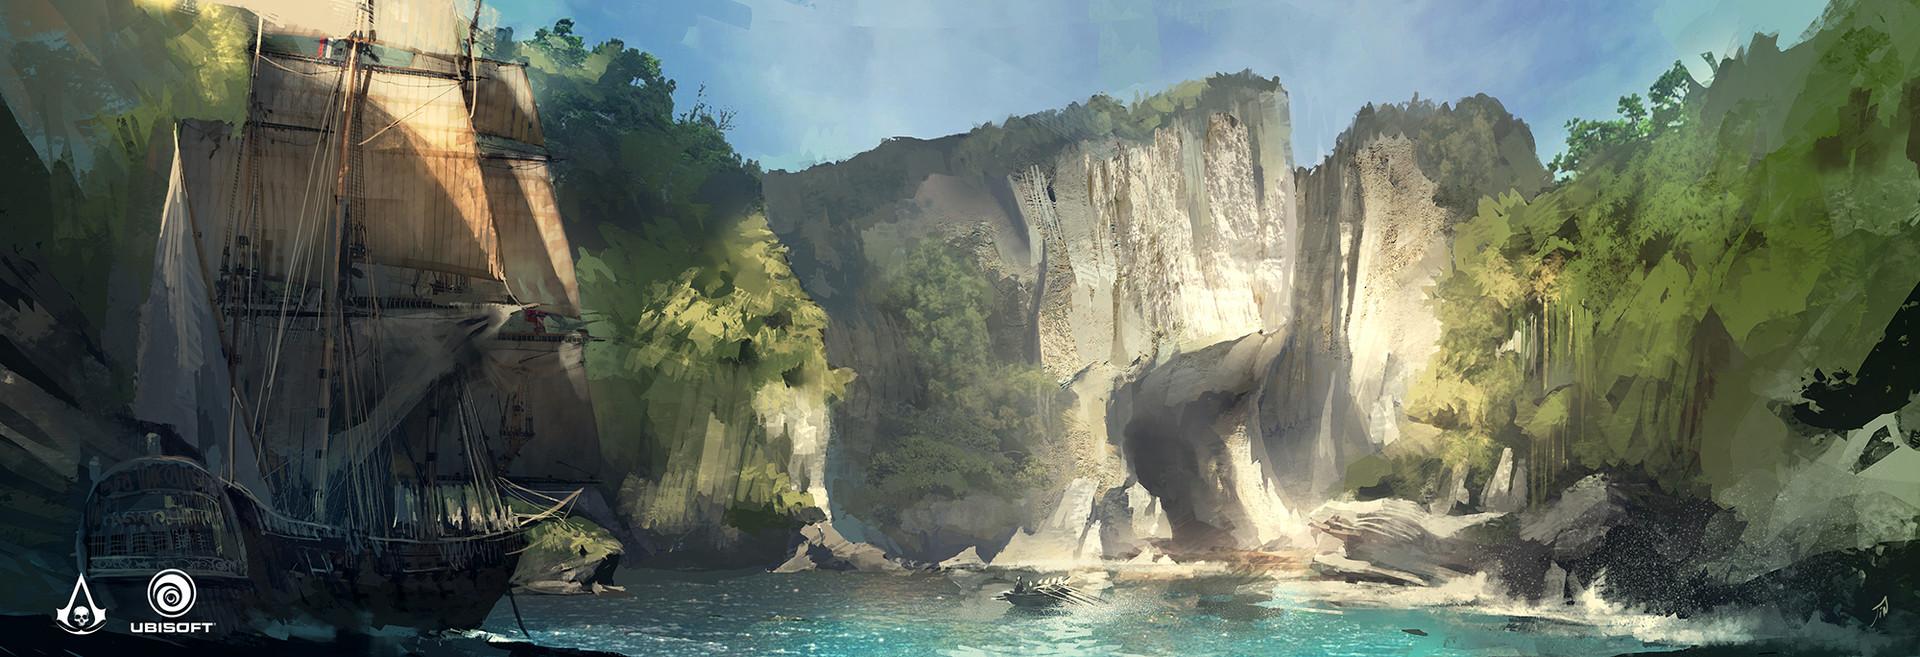 Fall Wallpaper For Facebook Artstation Assassin S Creed Iv Black Flag Cenotes